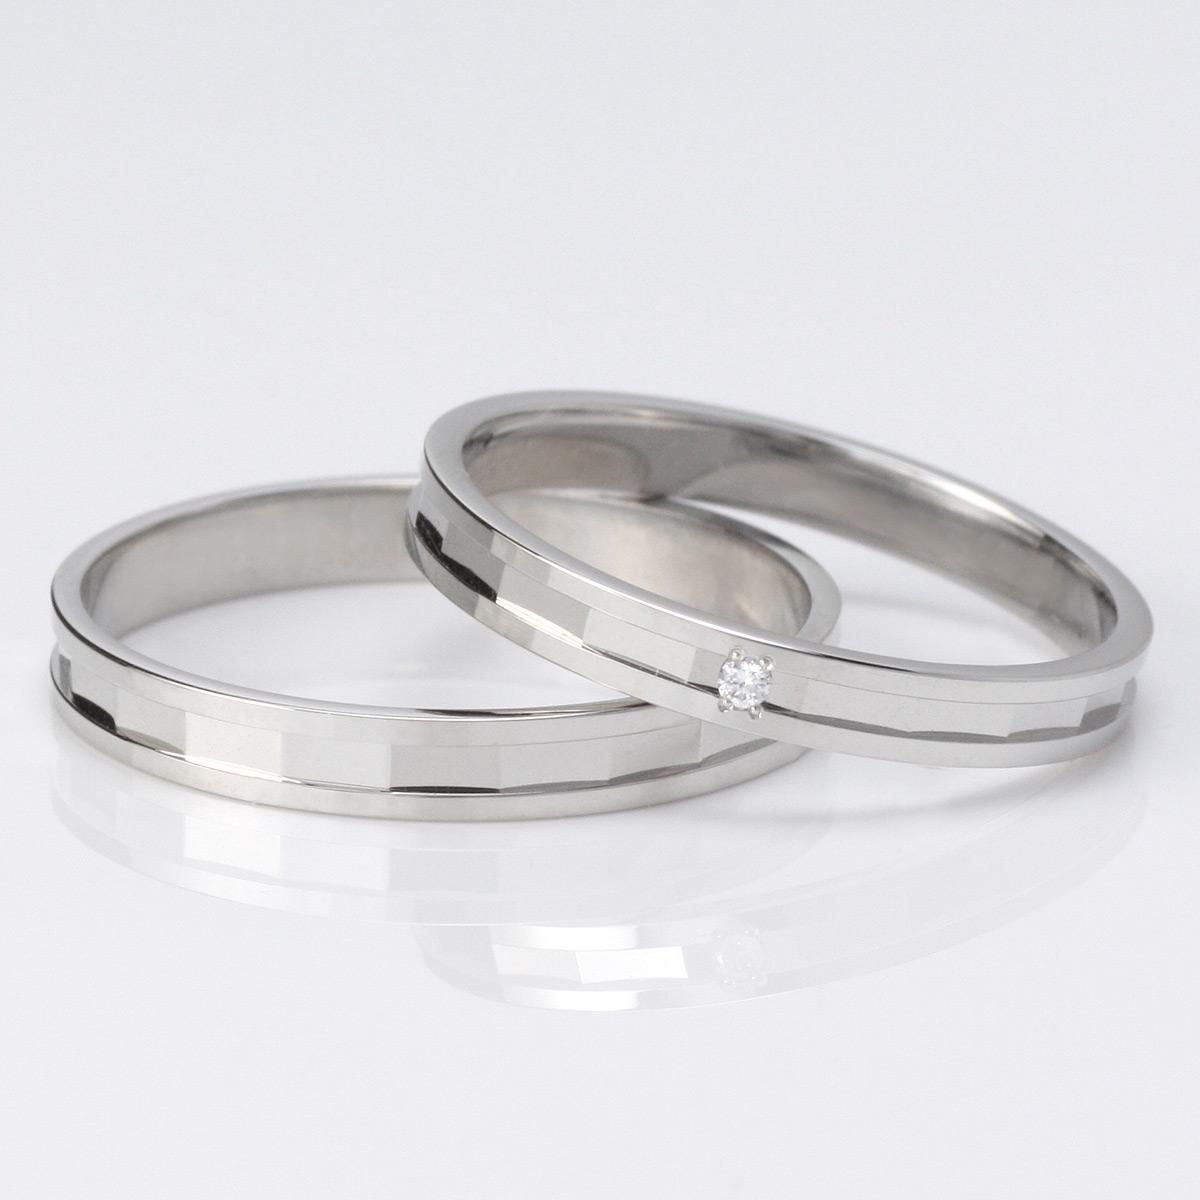 ラッピング無料 結婚指輪 マリッジリング ペアリング プラチナ ダイヤモンド 2本セット